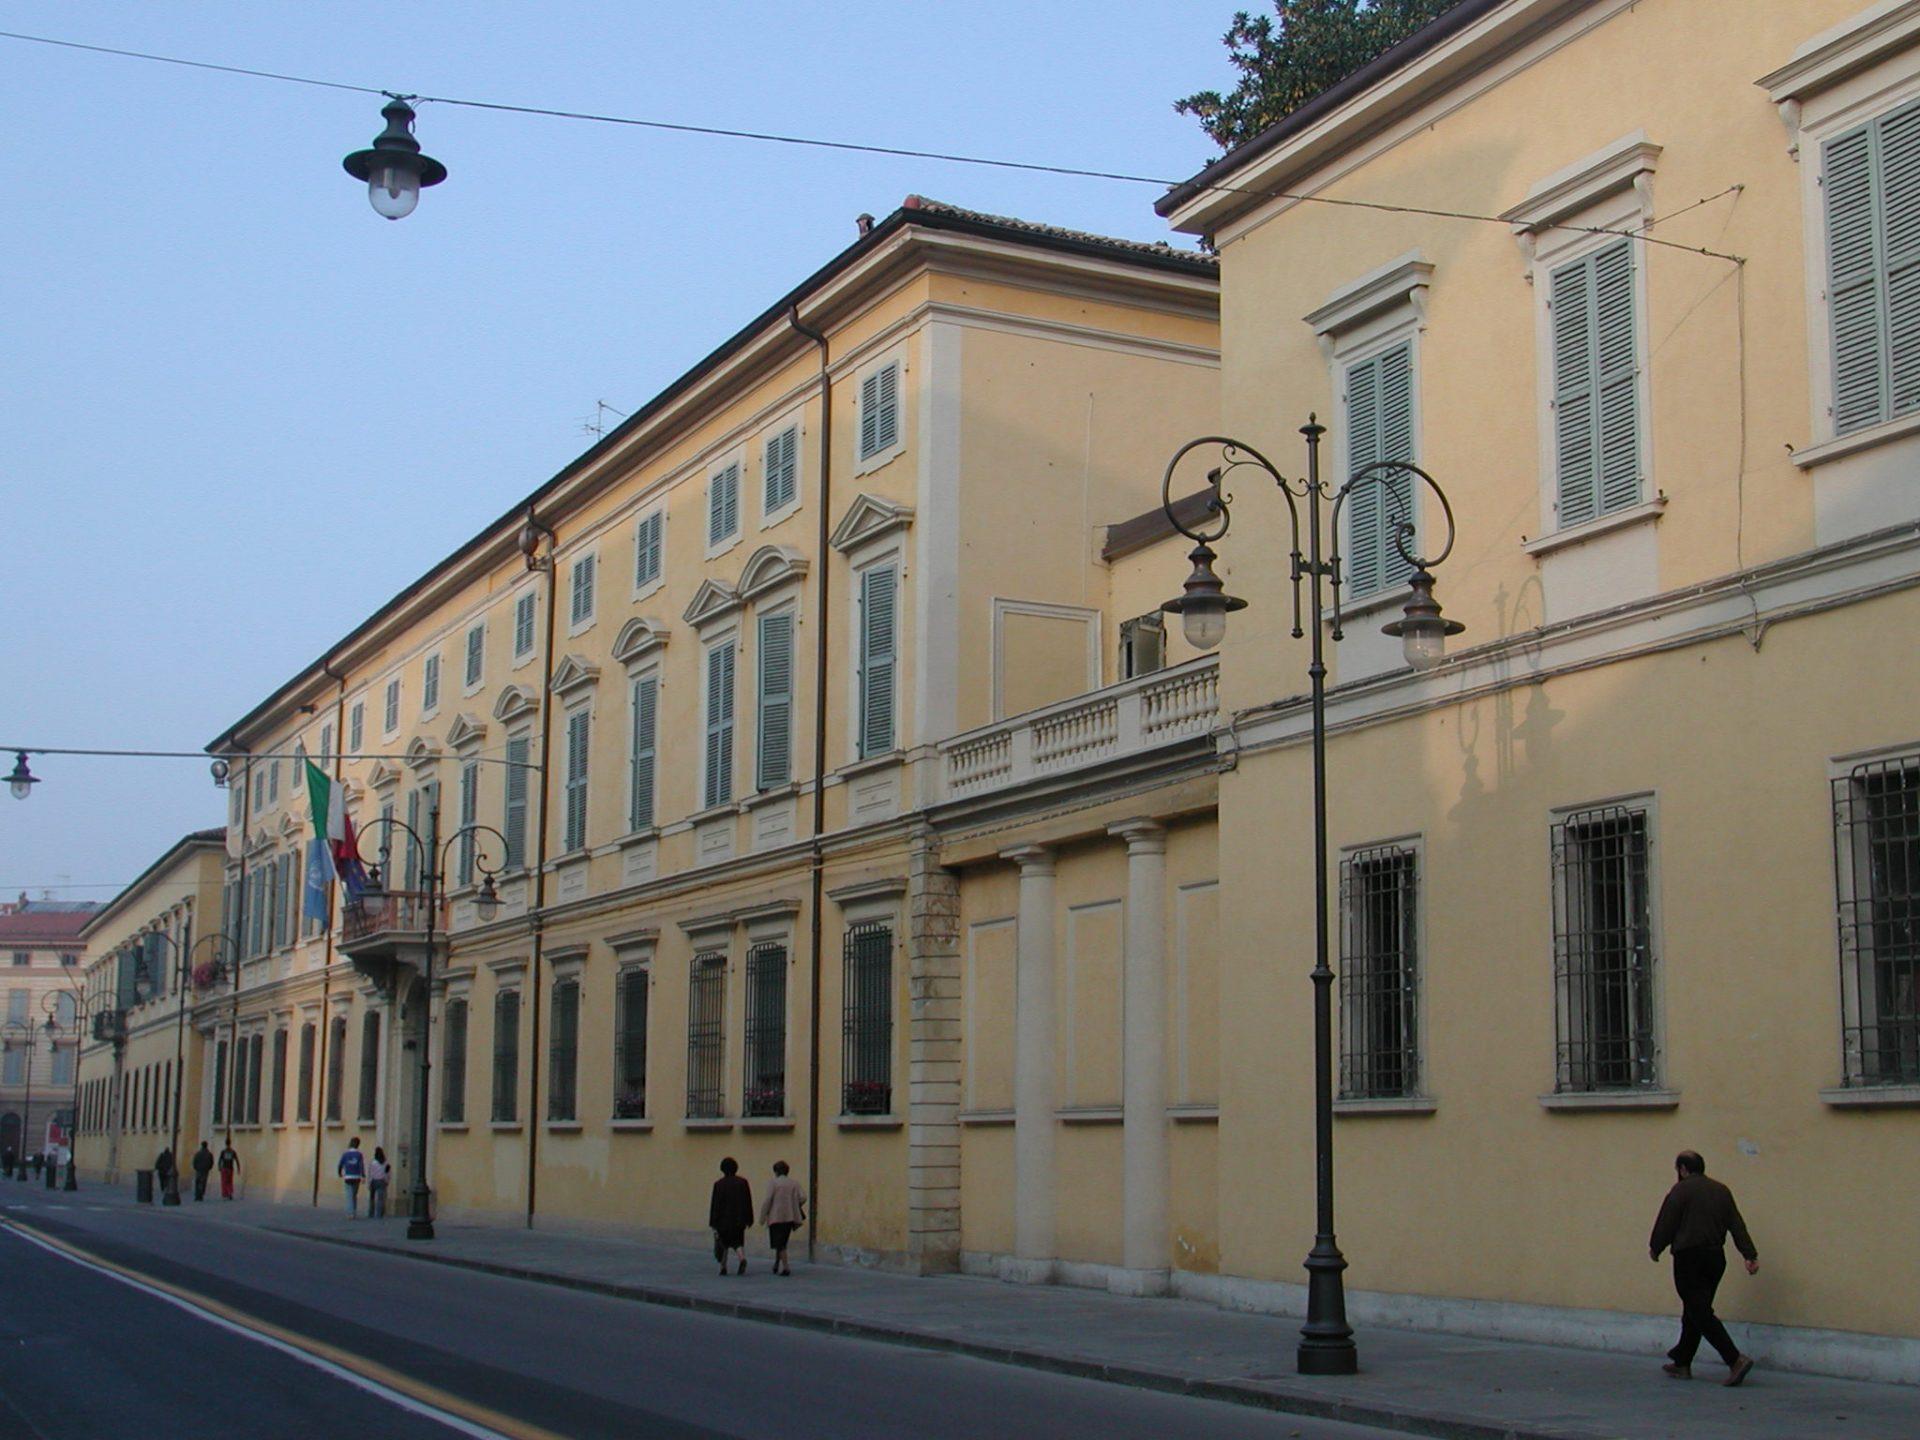 #PalazziDucali. Palazzo Ducale di Reggio Emilia, la sede reggina del duca Francesco IV